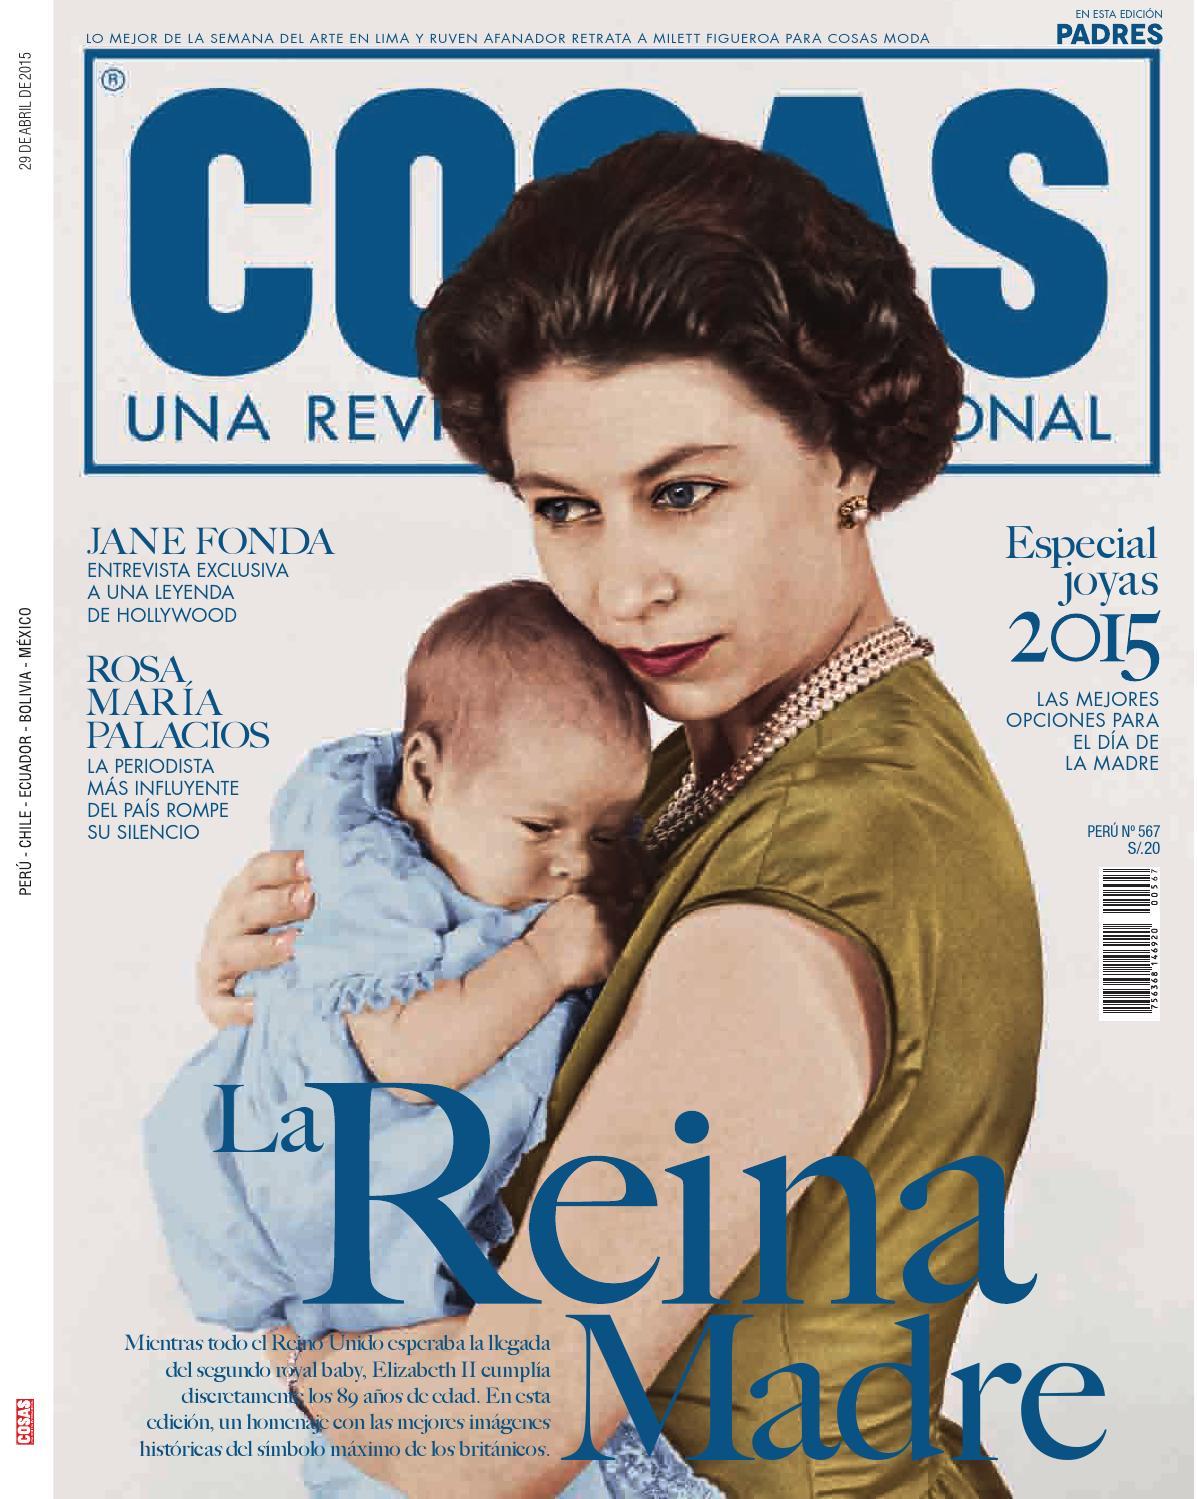 buy online e8467 298e4 Revista COSAS - Edición 567 by Revista COSAS Perú - issuu